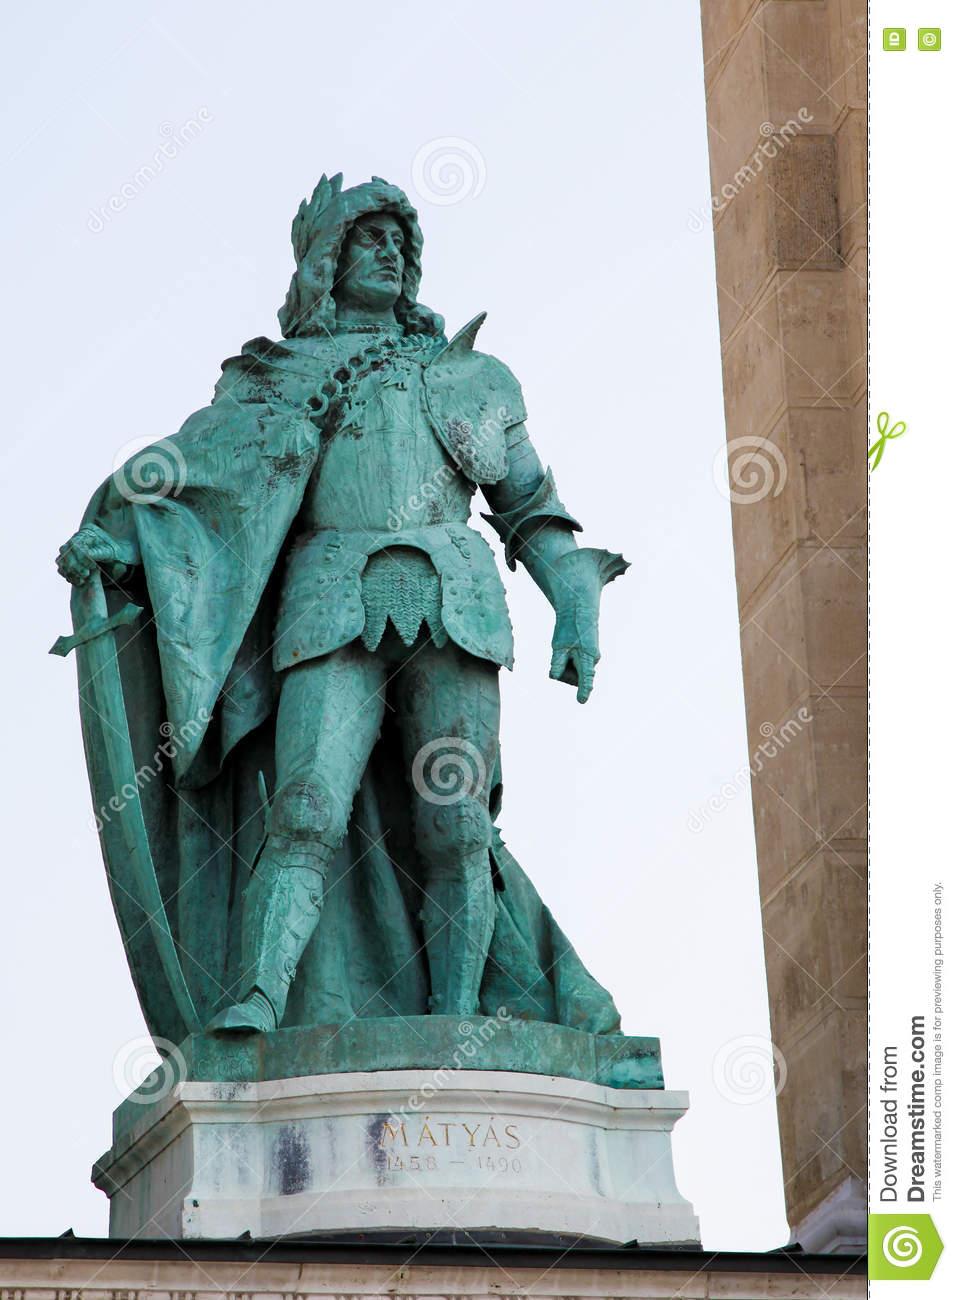 Statue Of King Matthias Corvinus In Budapest, Hungary Stock Photo.